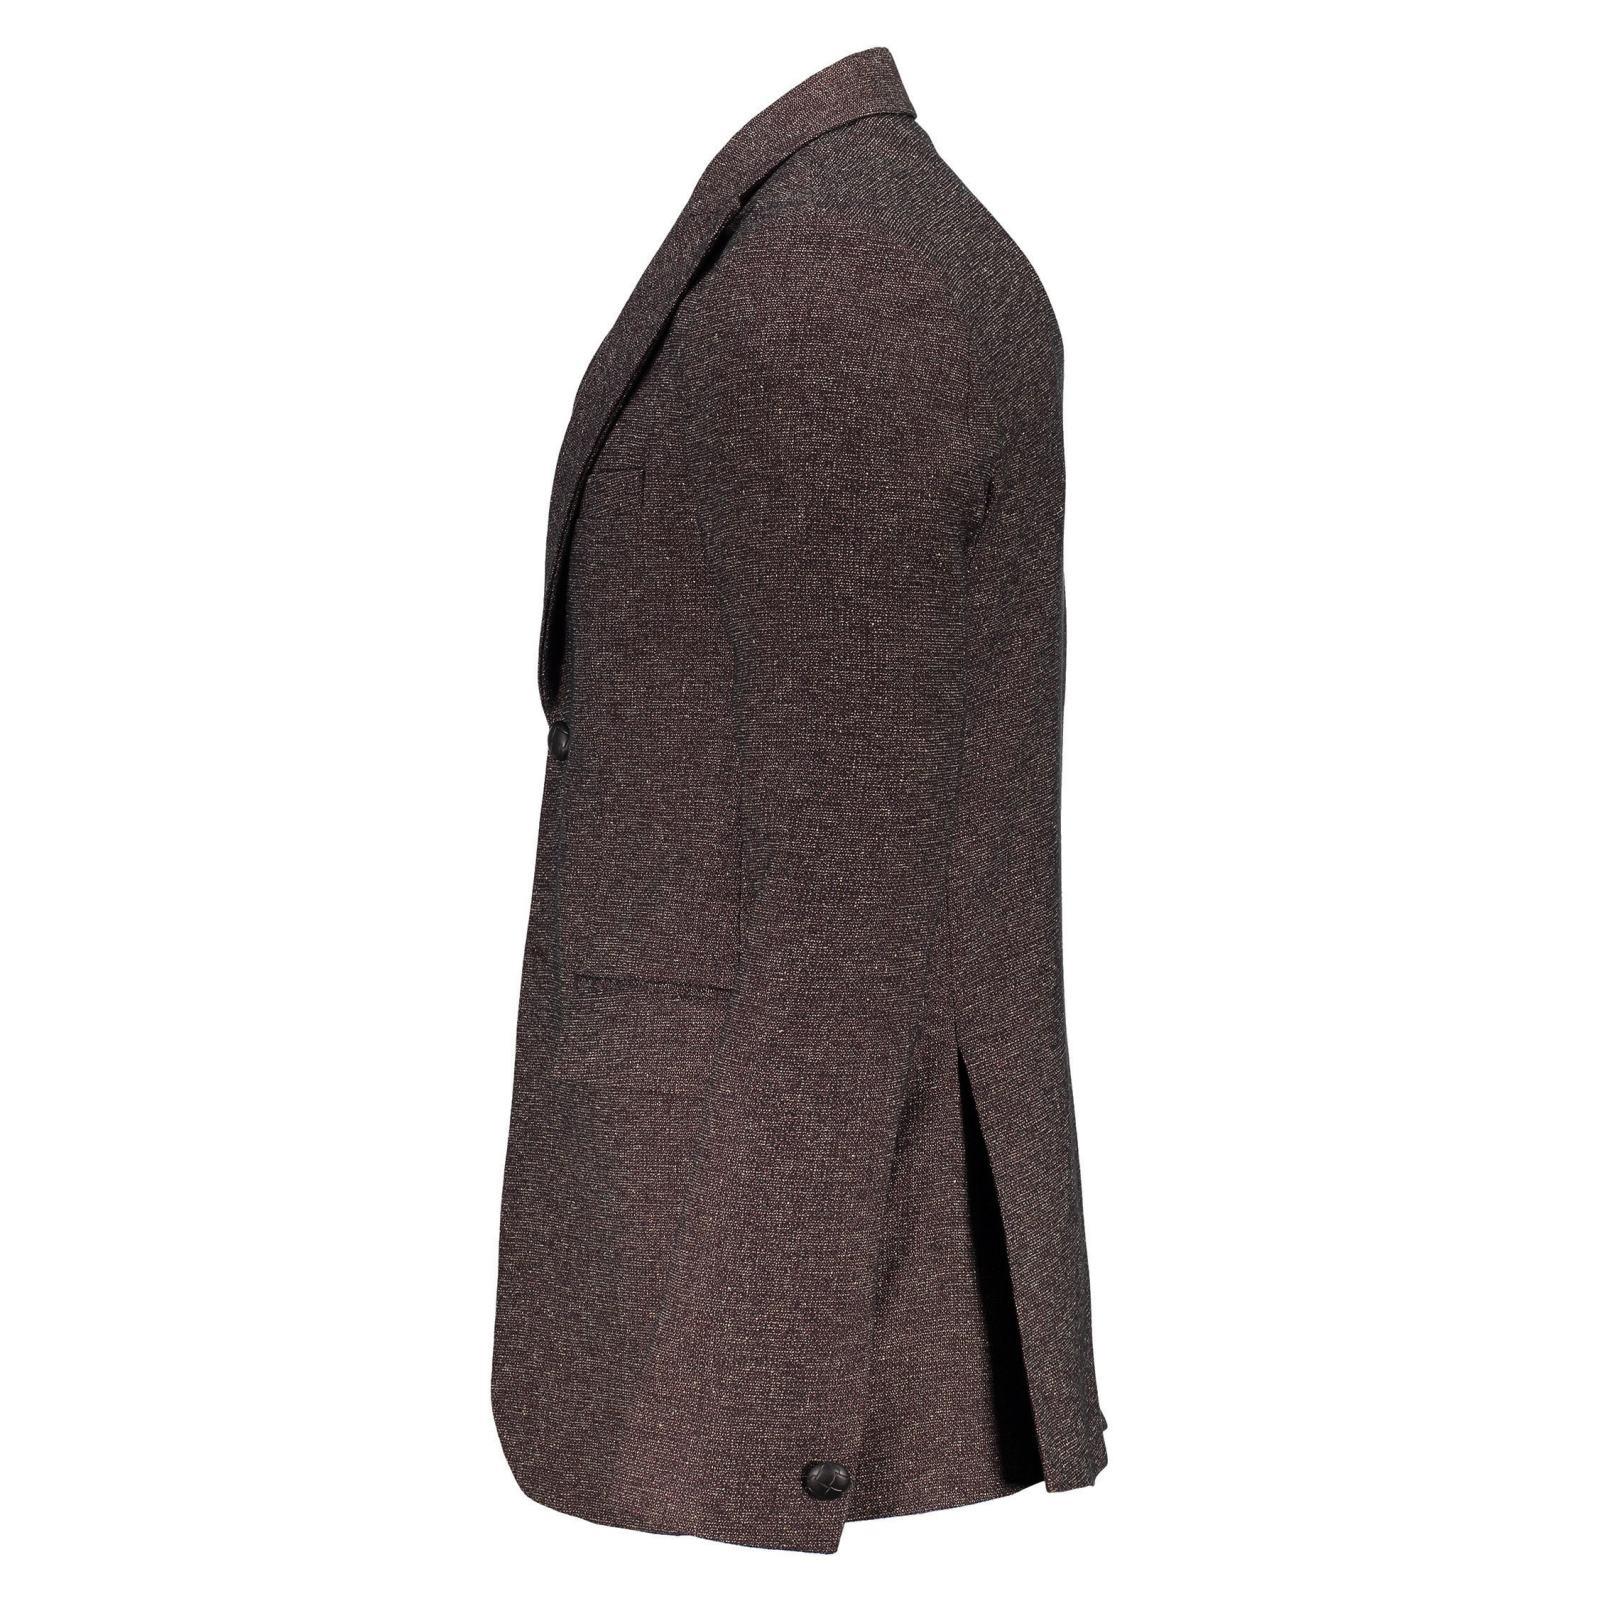 کت تک غیر رسمی مردانه - خانه مد راد - بنفش - 3